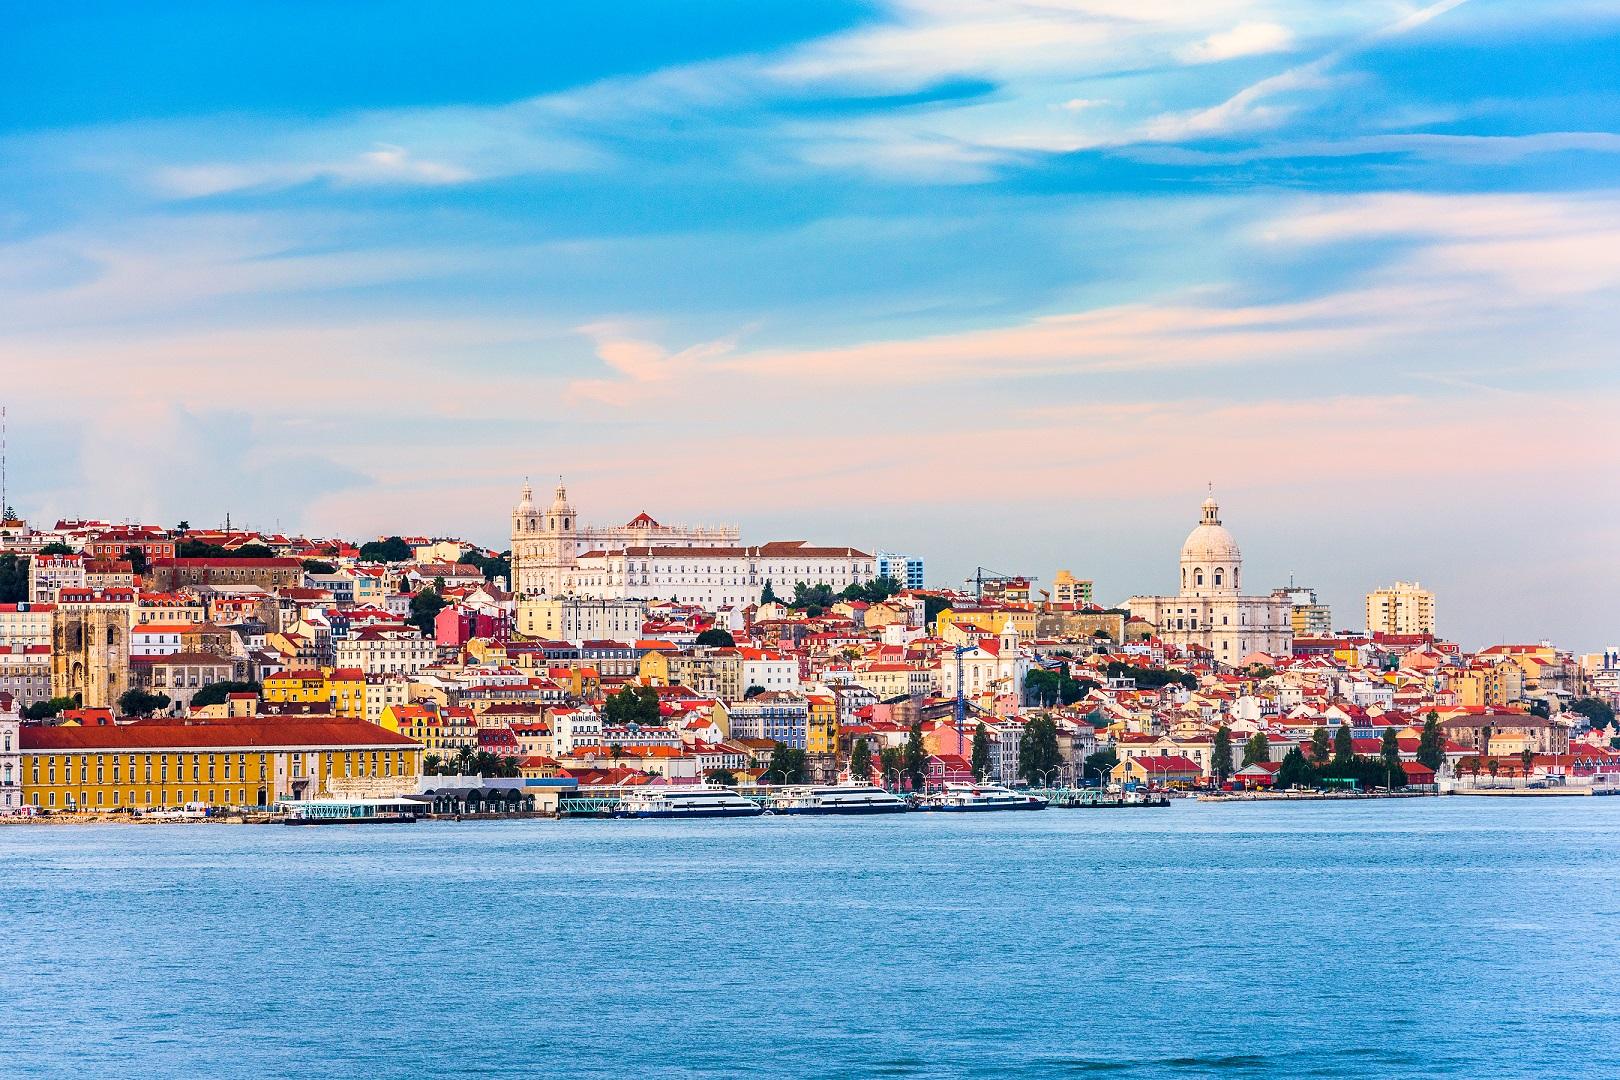 2018-ųjų vasaros kelionių naujovės: nuo Remarko aprašytos Lisabonos iki popiežiui batus siuvančio regiono